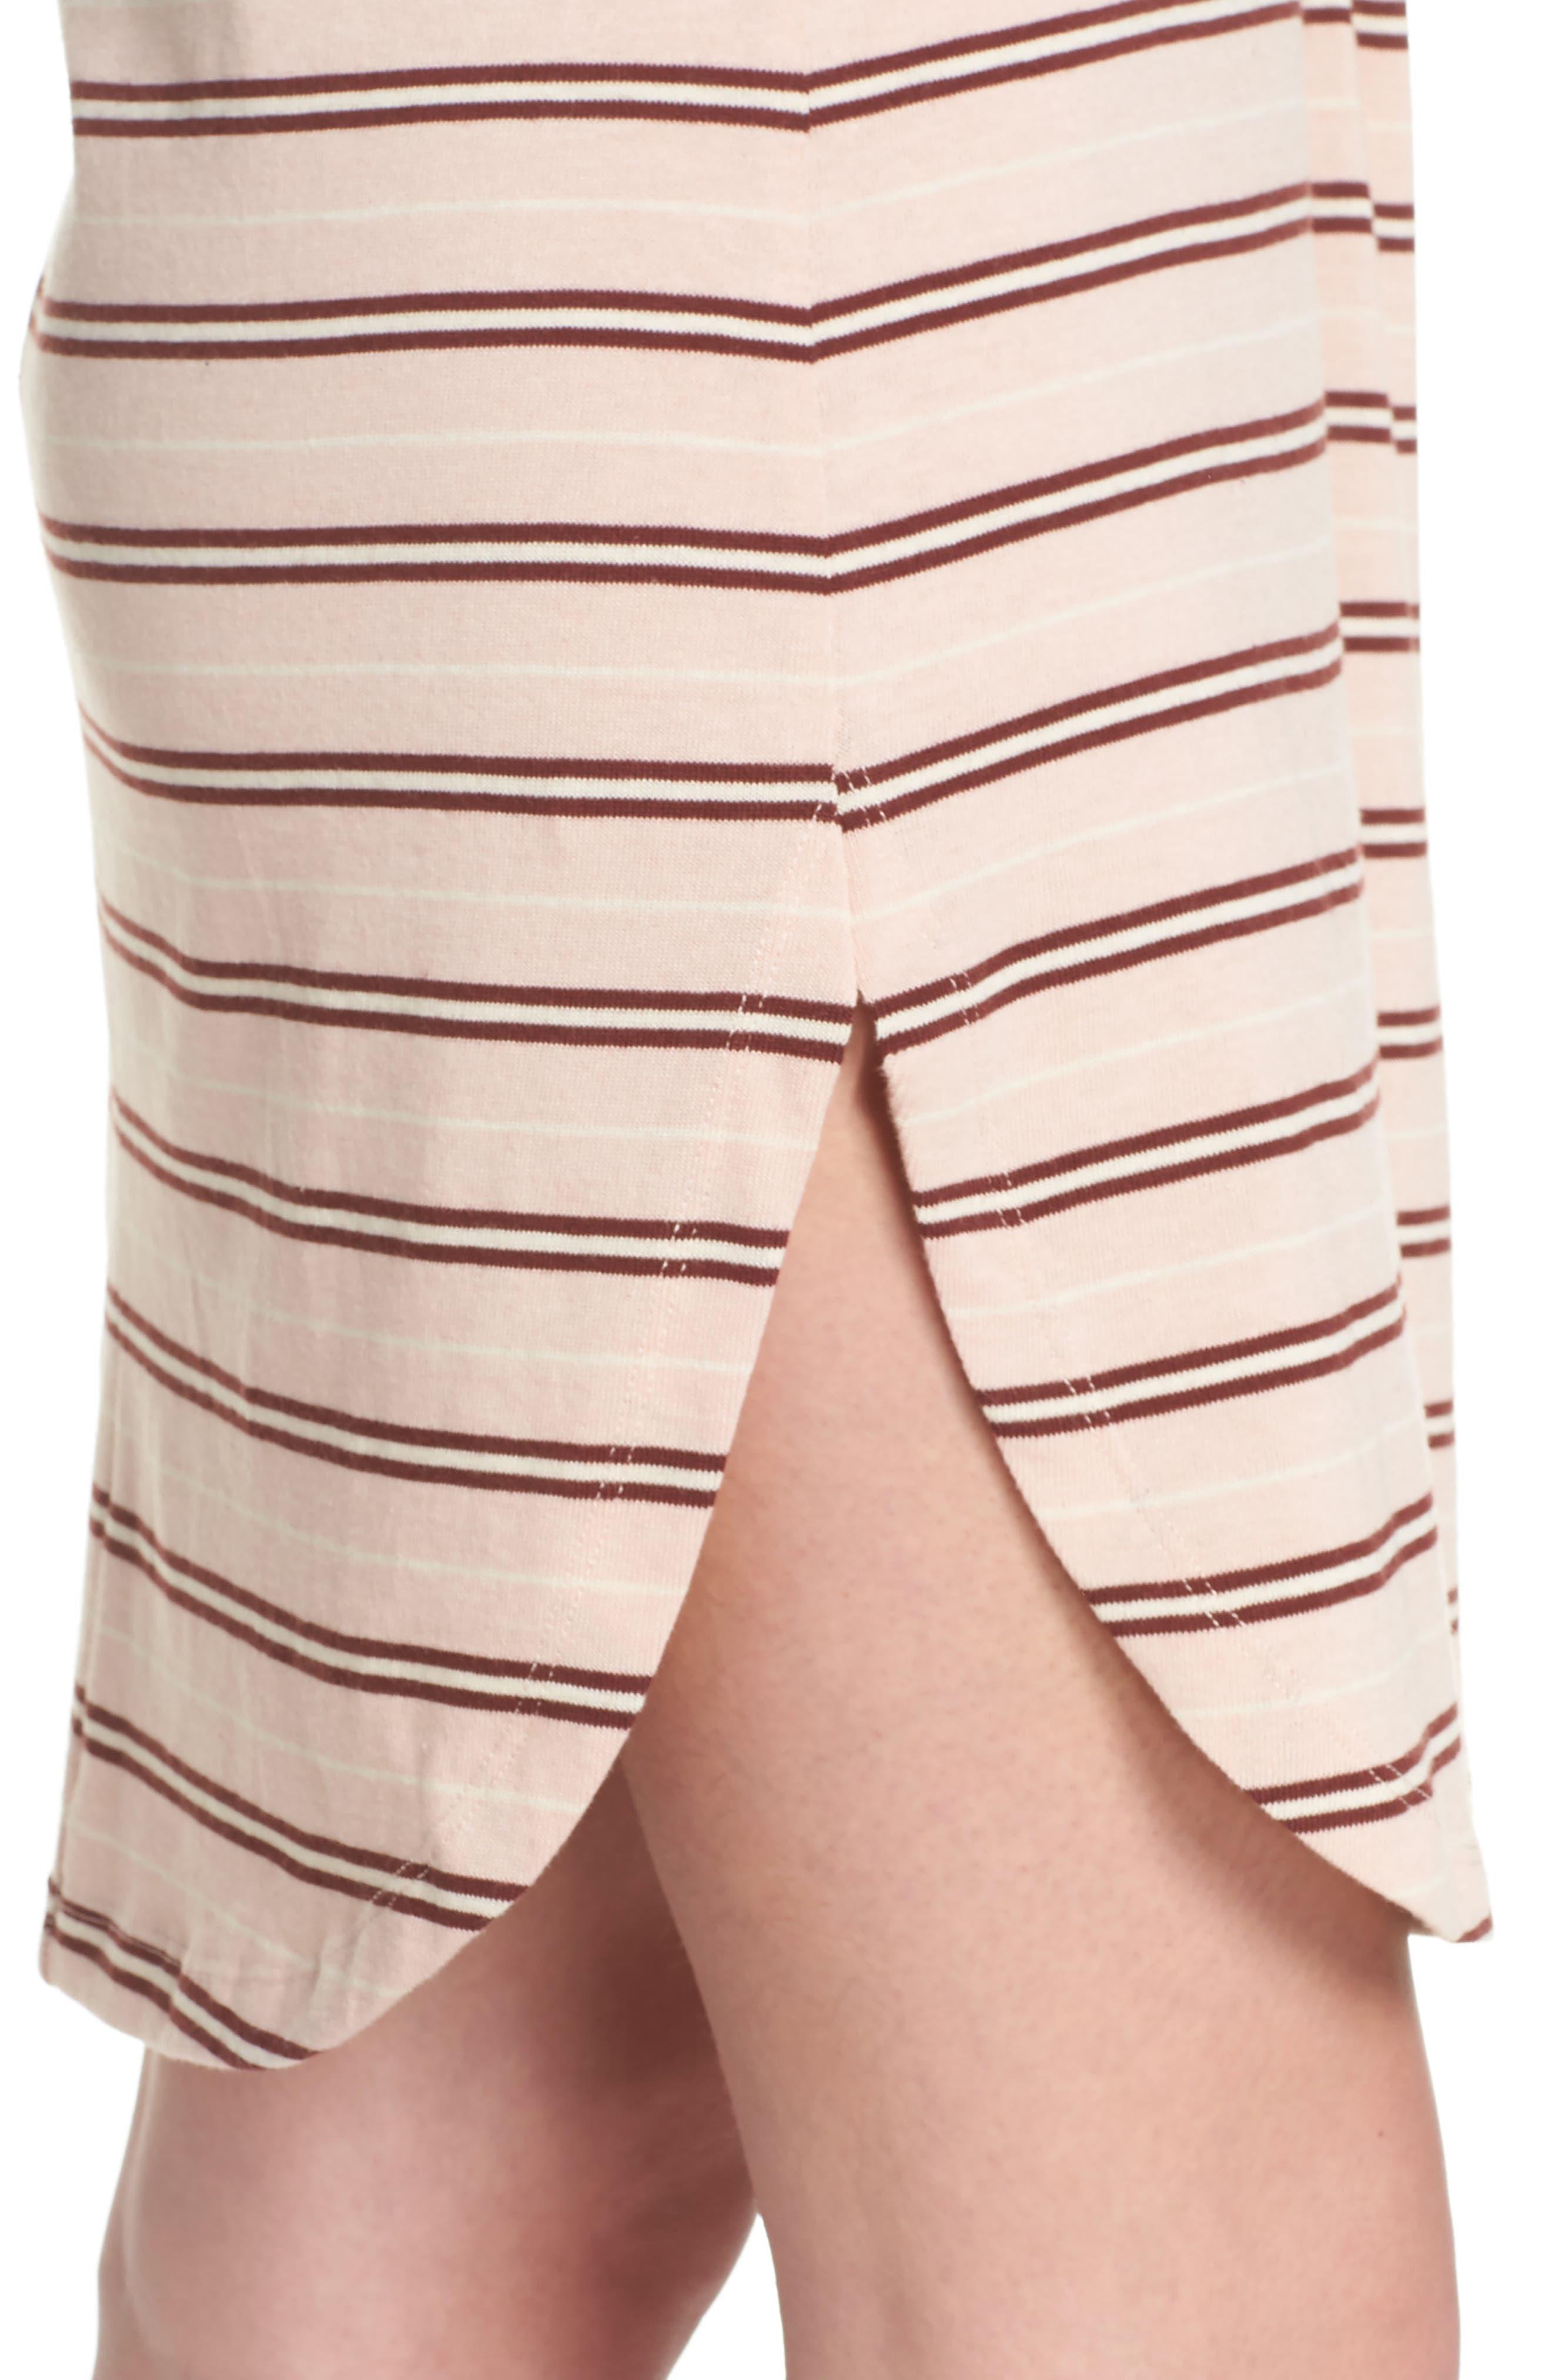 Saul Tunic Dress,                             Alternate thumbnail 4, color,                             Blush 90S Stripe